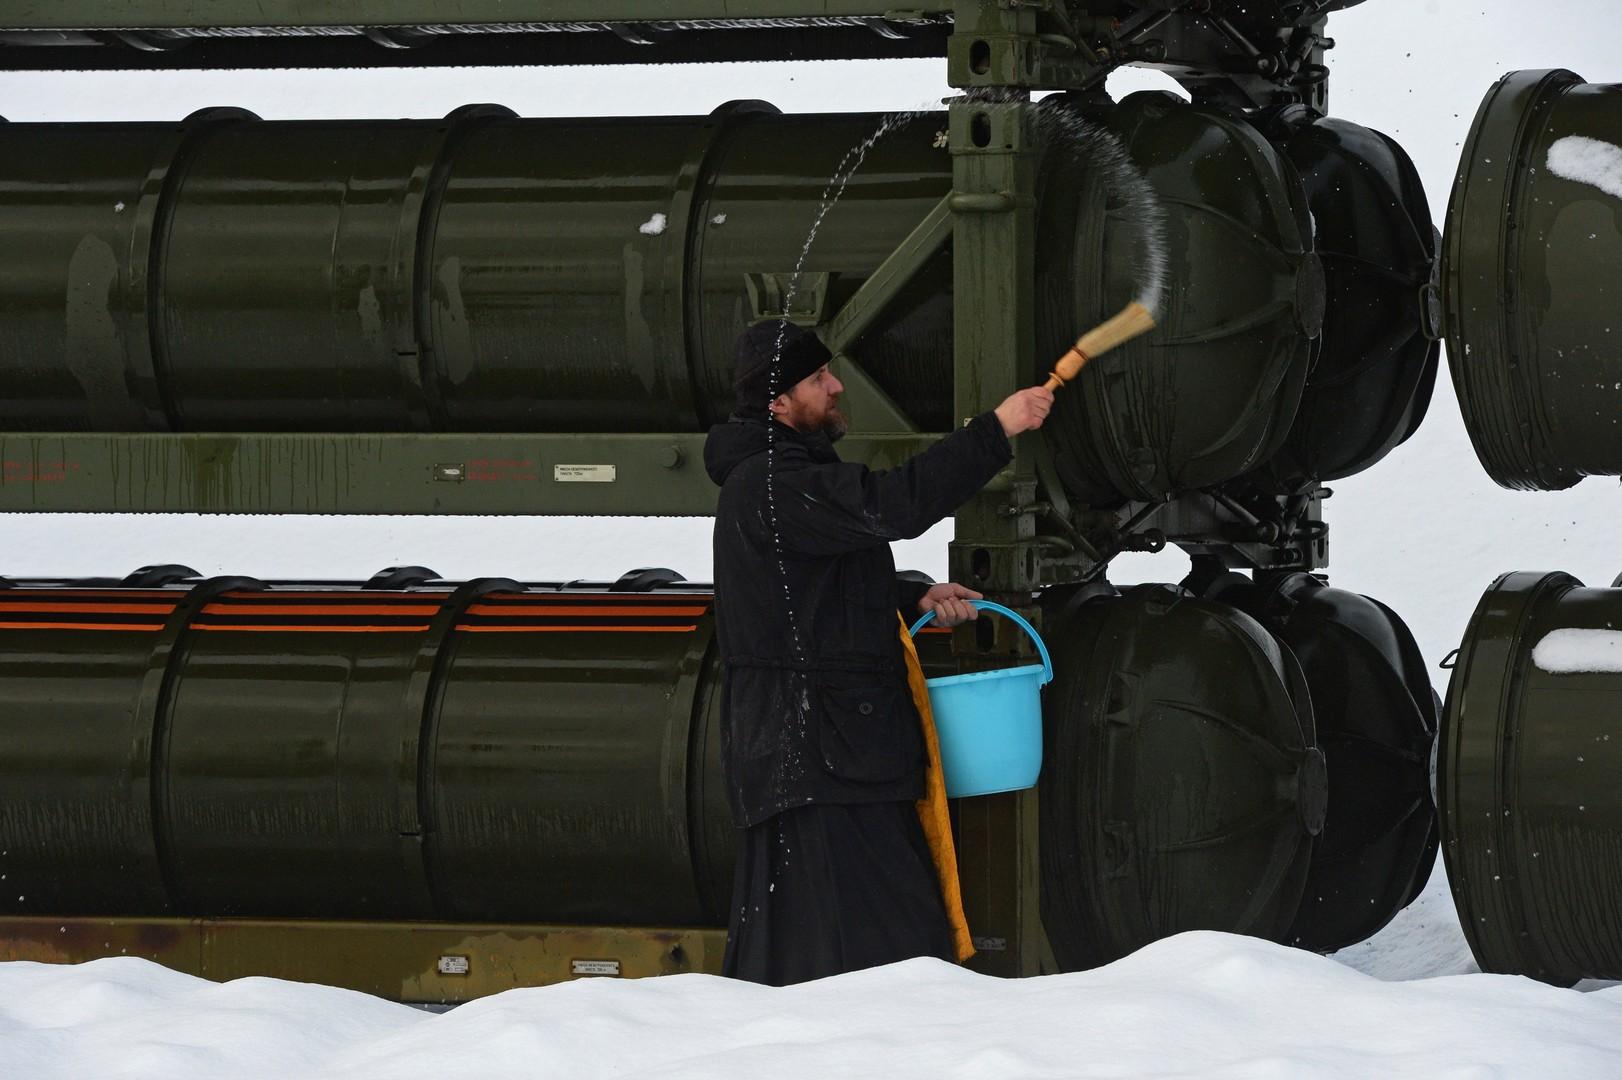 Ein Priester weiht Container mit Fla-Raketen eines Raketenabwehrregimentes in der Umgebung Moskaus.